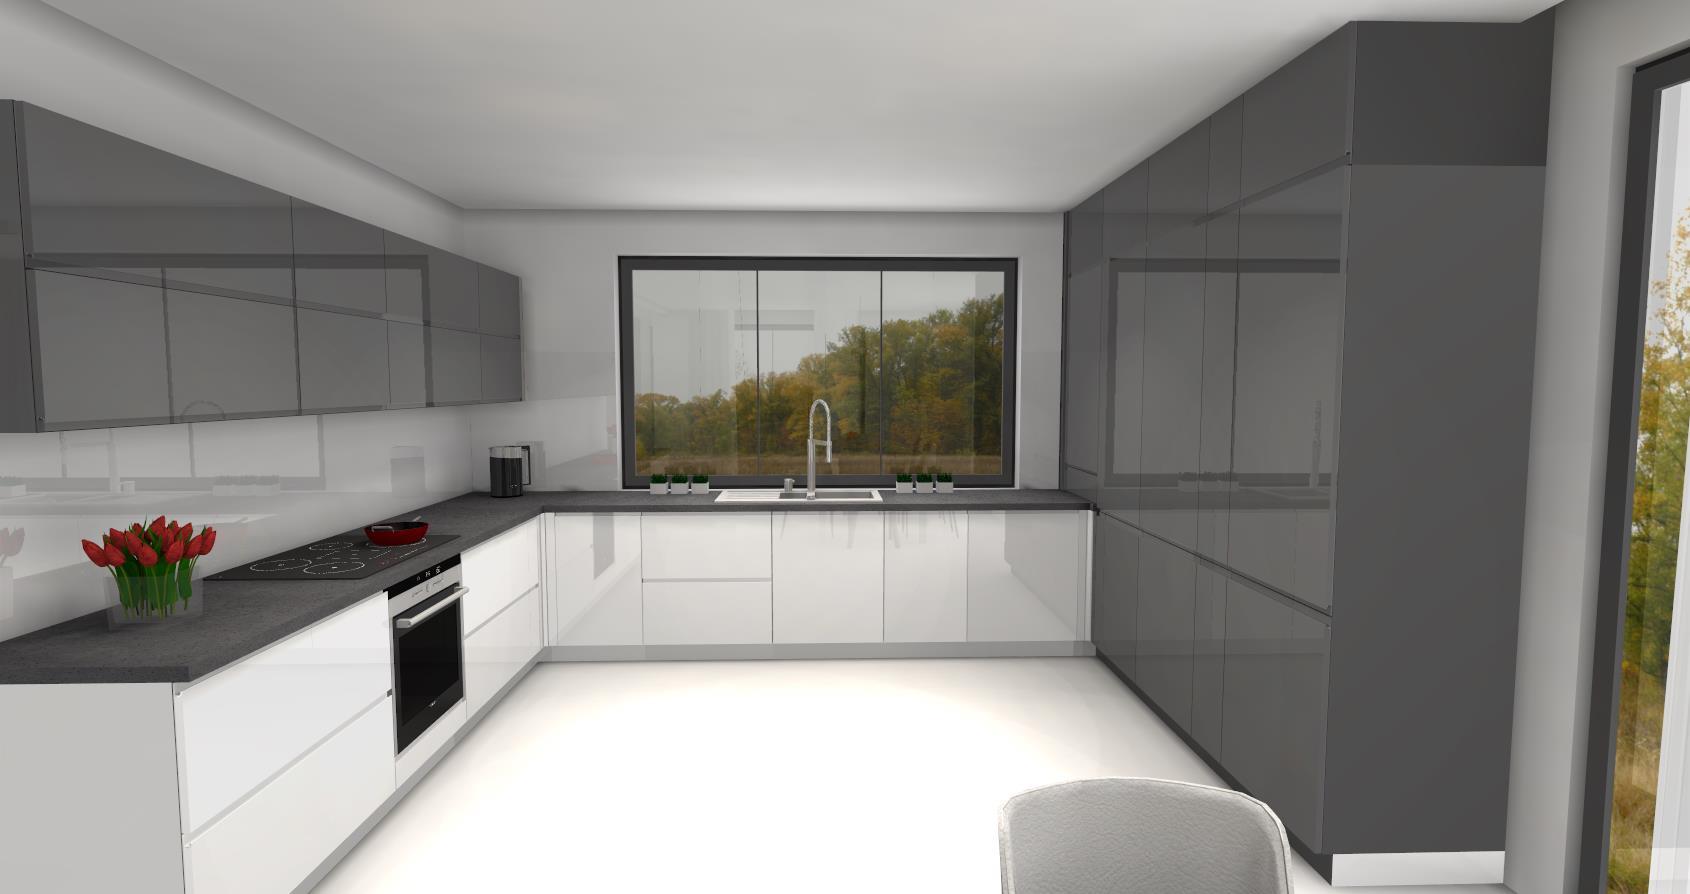 Skiba Kuchnie i Wnętrza  Witaj w pracowni Skiba Wnętrza Miejscu, gdzie desi   -> Kuchnie Forte Gdzie Kupić